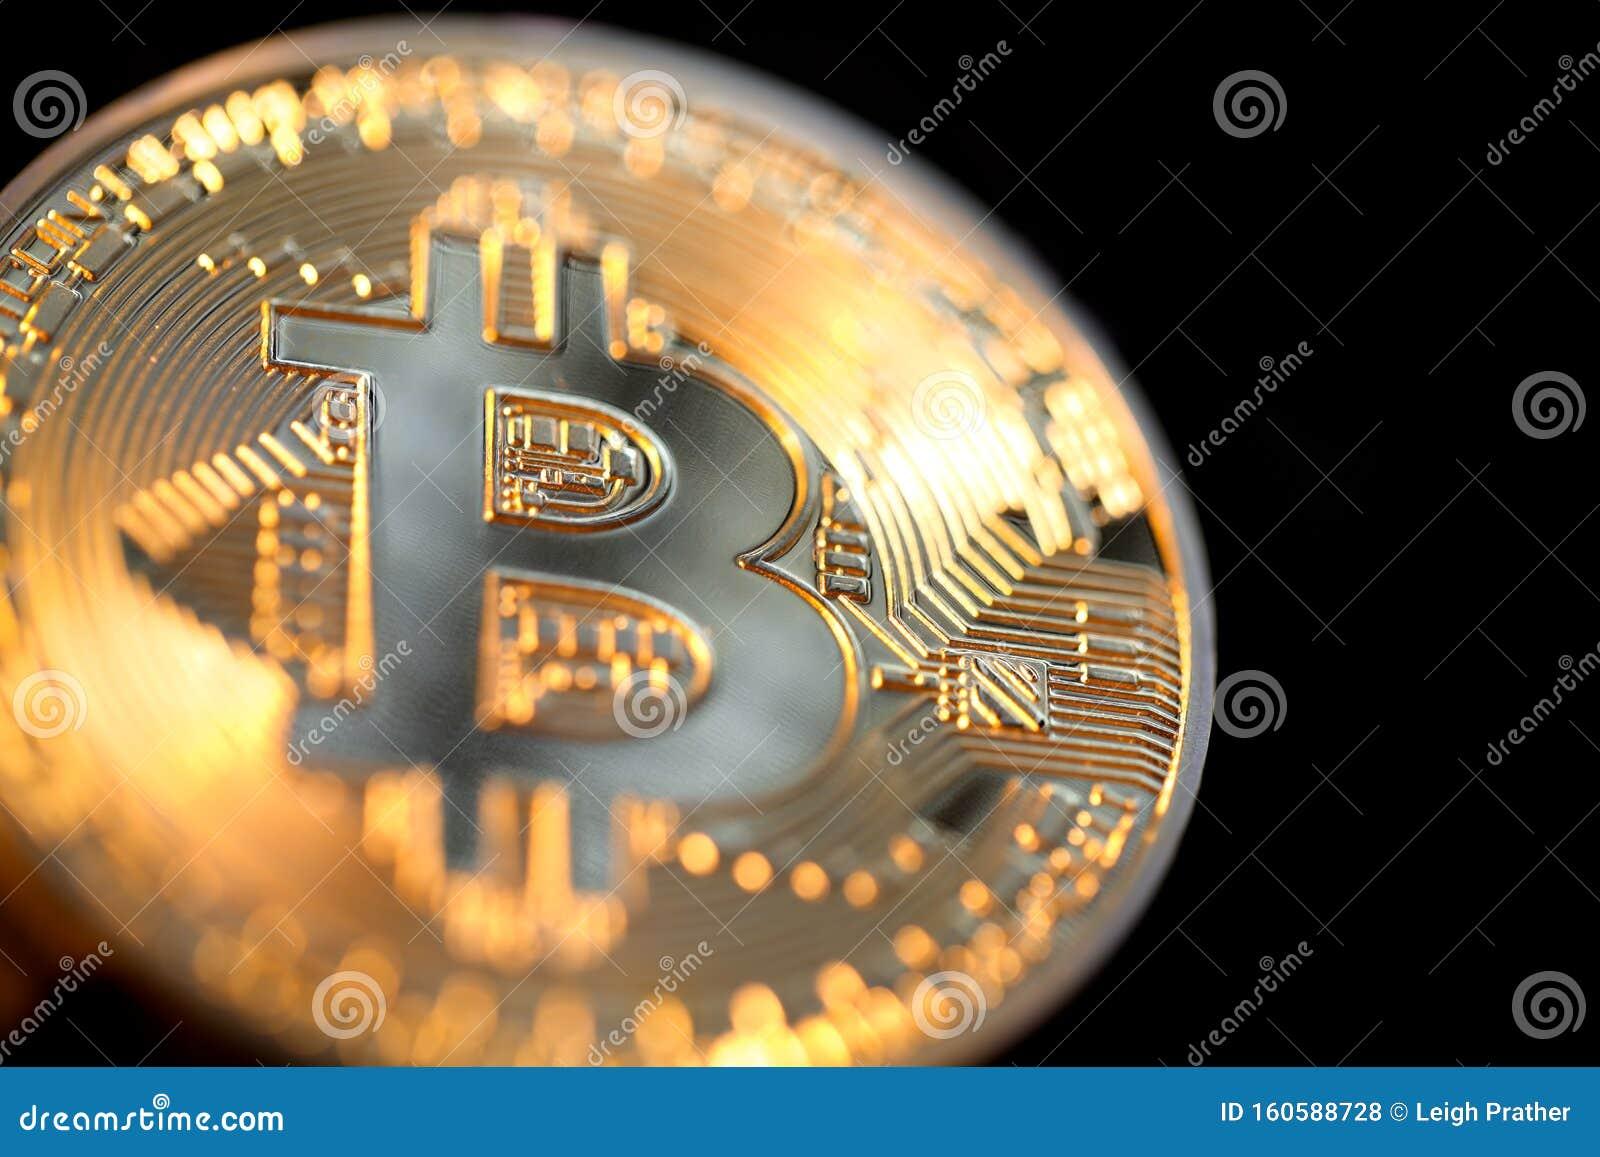 come usare bitcoin per guadagnare soldi crittografia virtuale